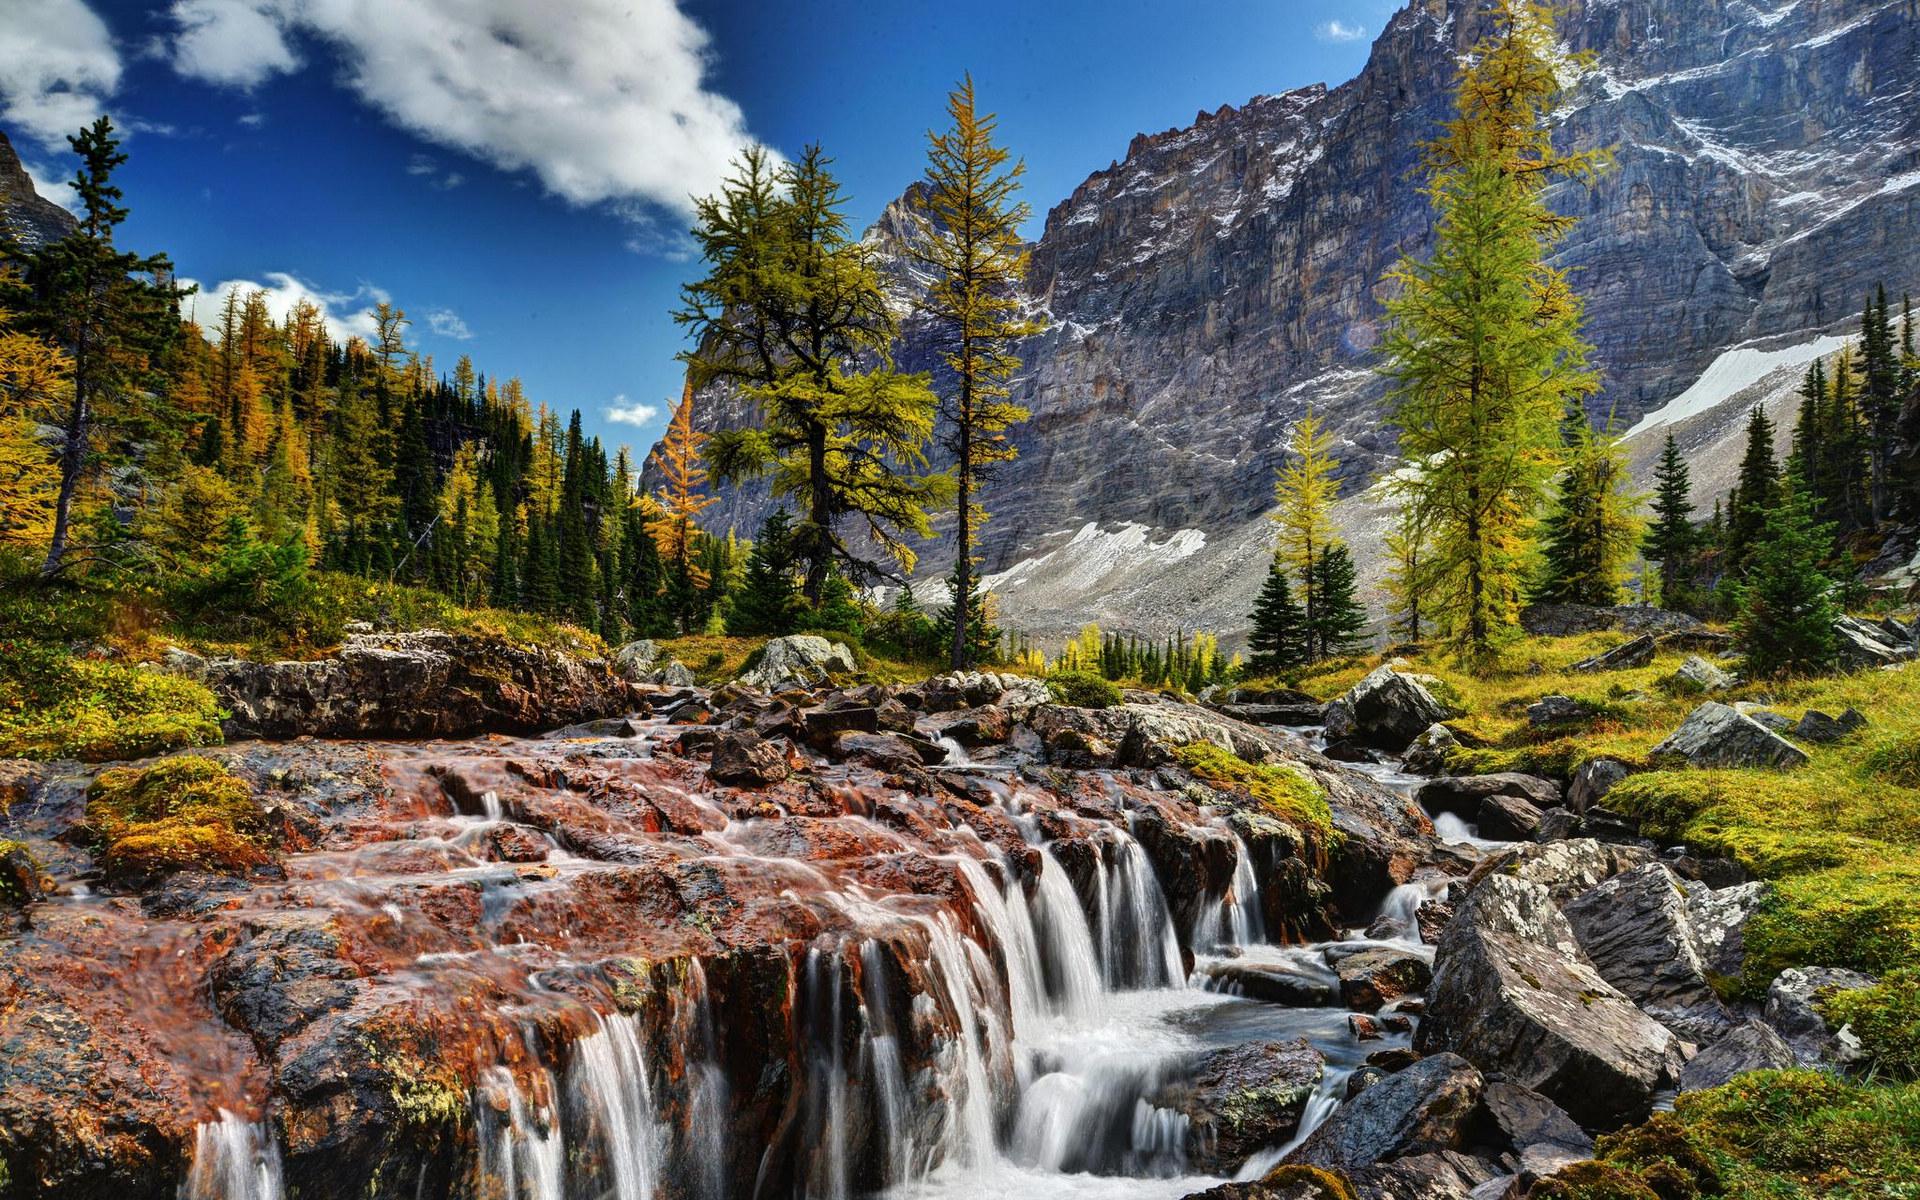 美国黄石国家公园+大提顿国家公园+加拿大班